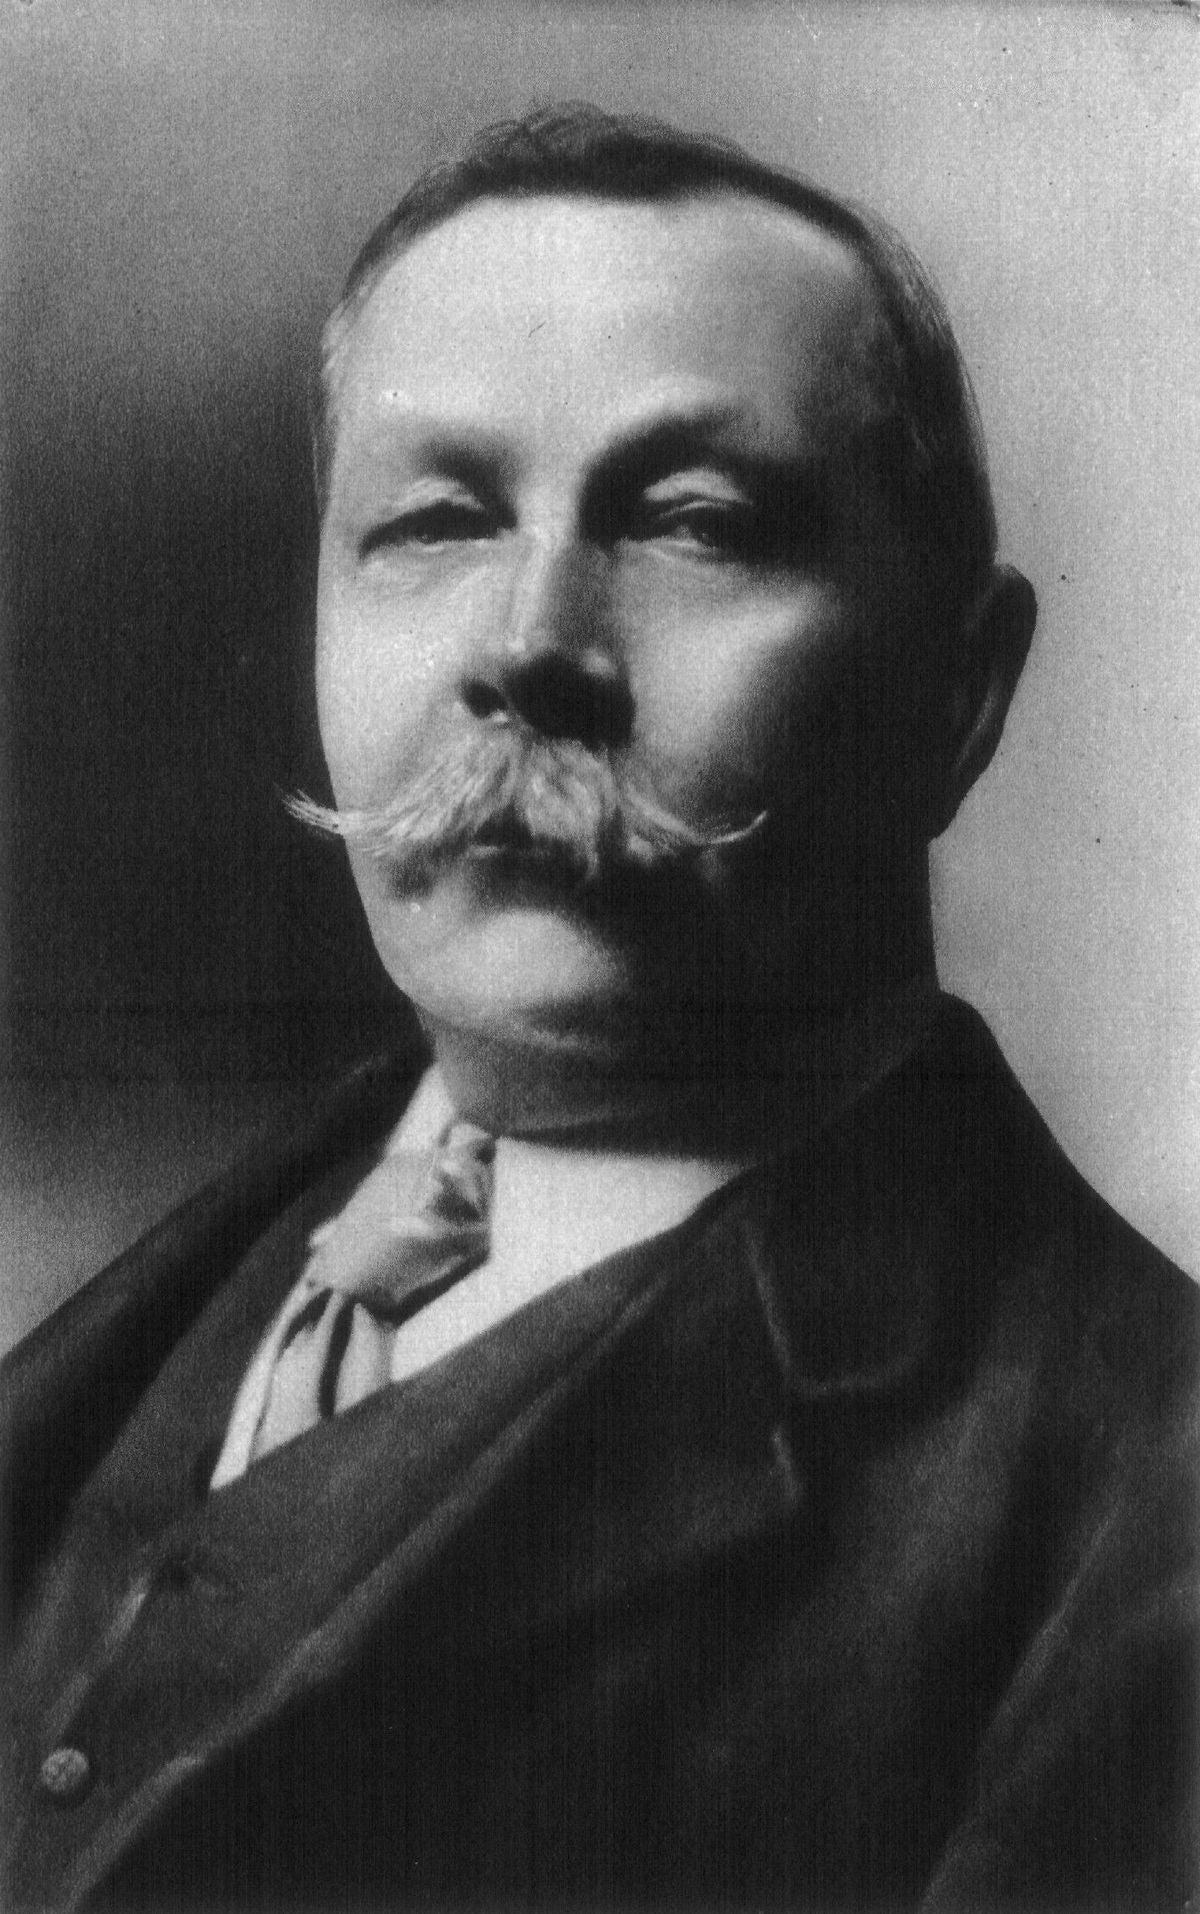 Mujeres con Historia: Las mujeres de Conan Doyle y el espiritismo